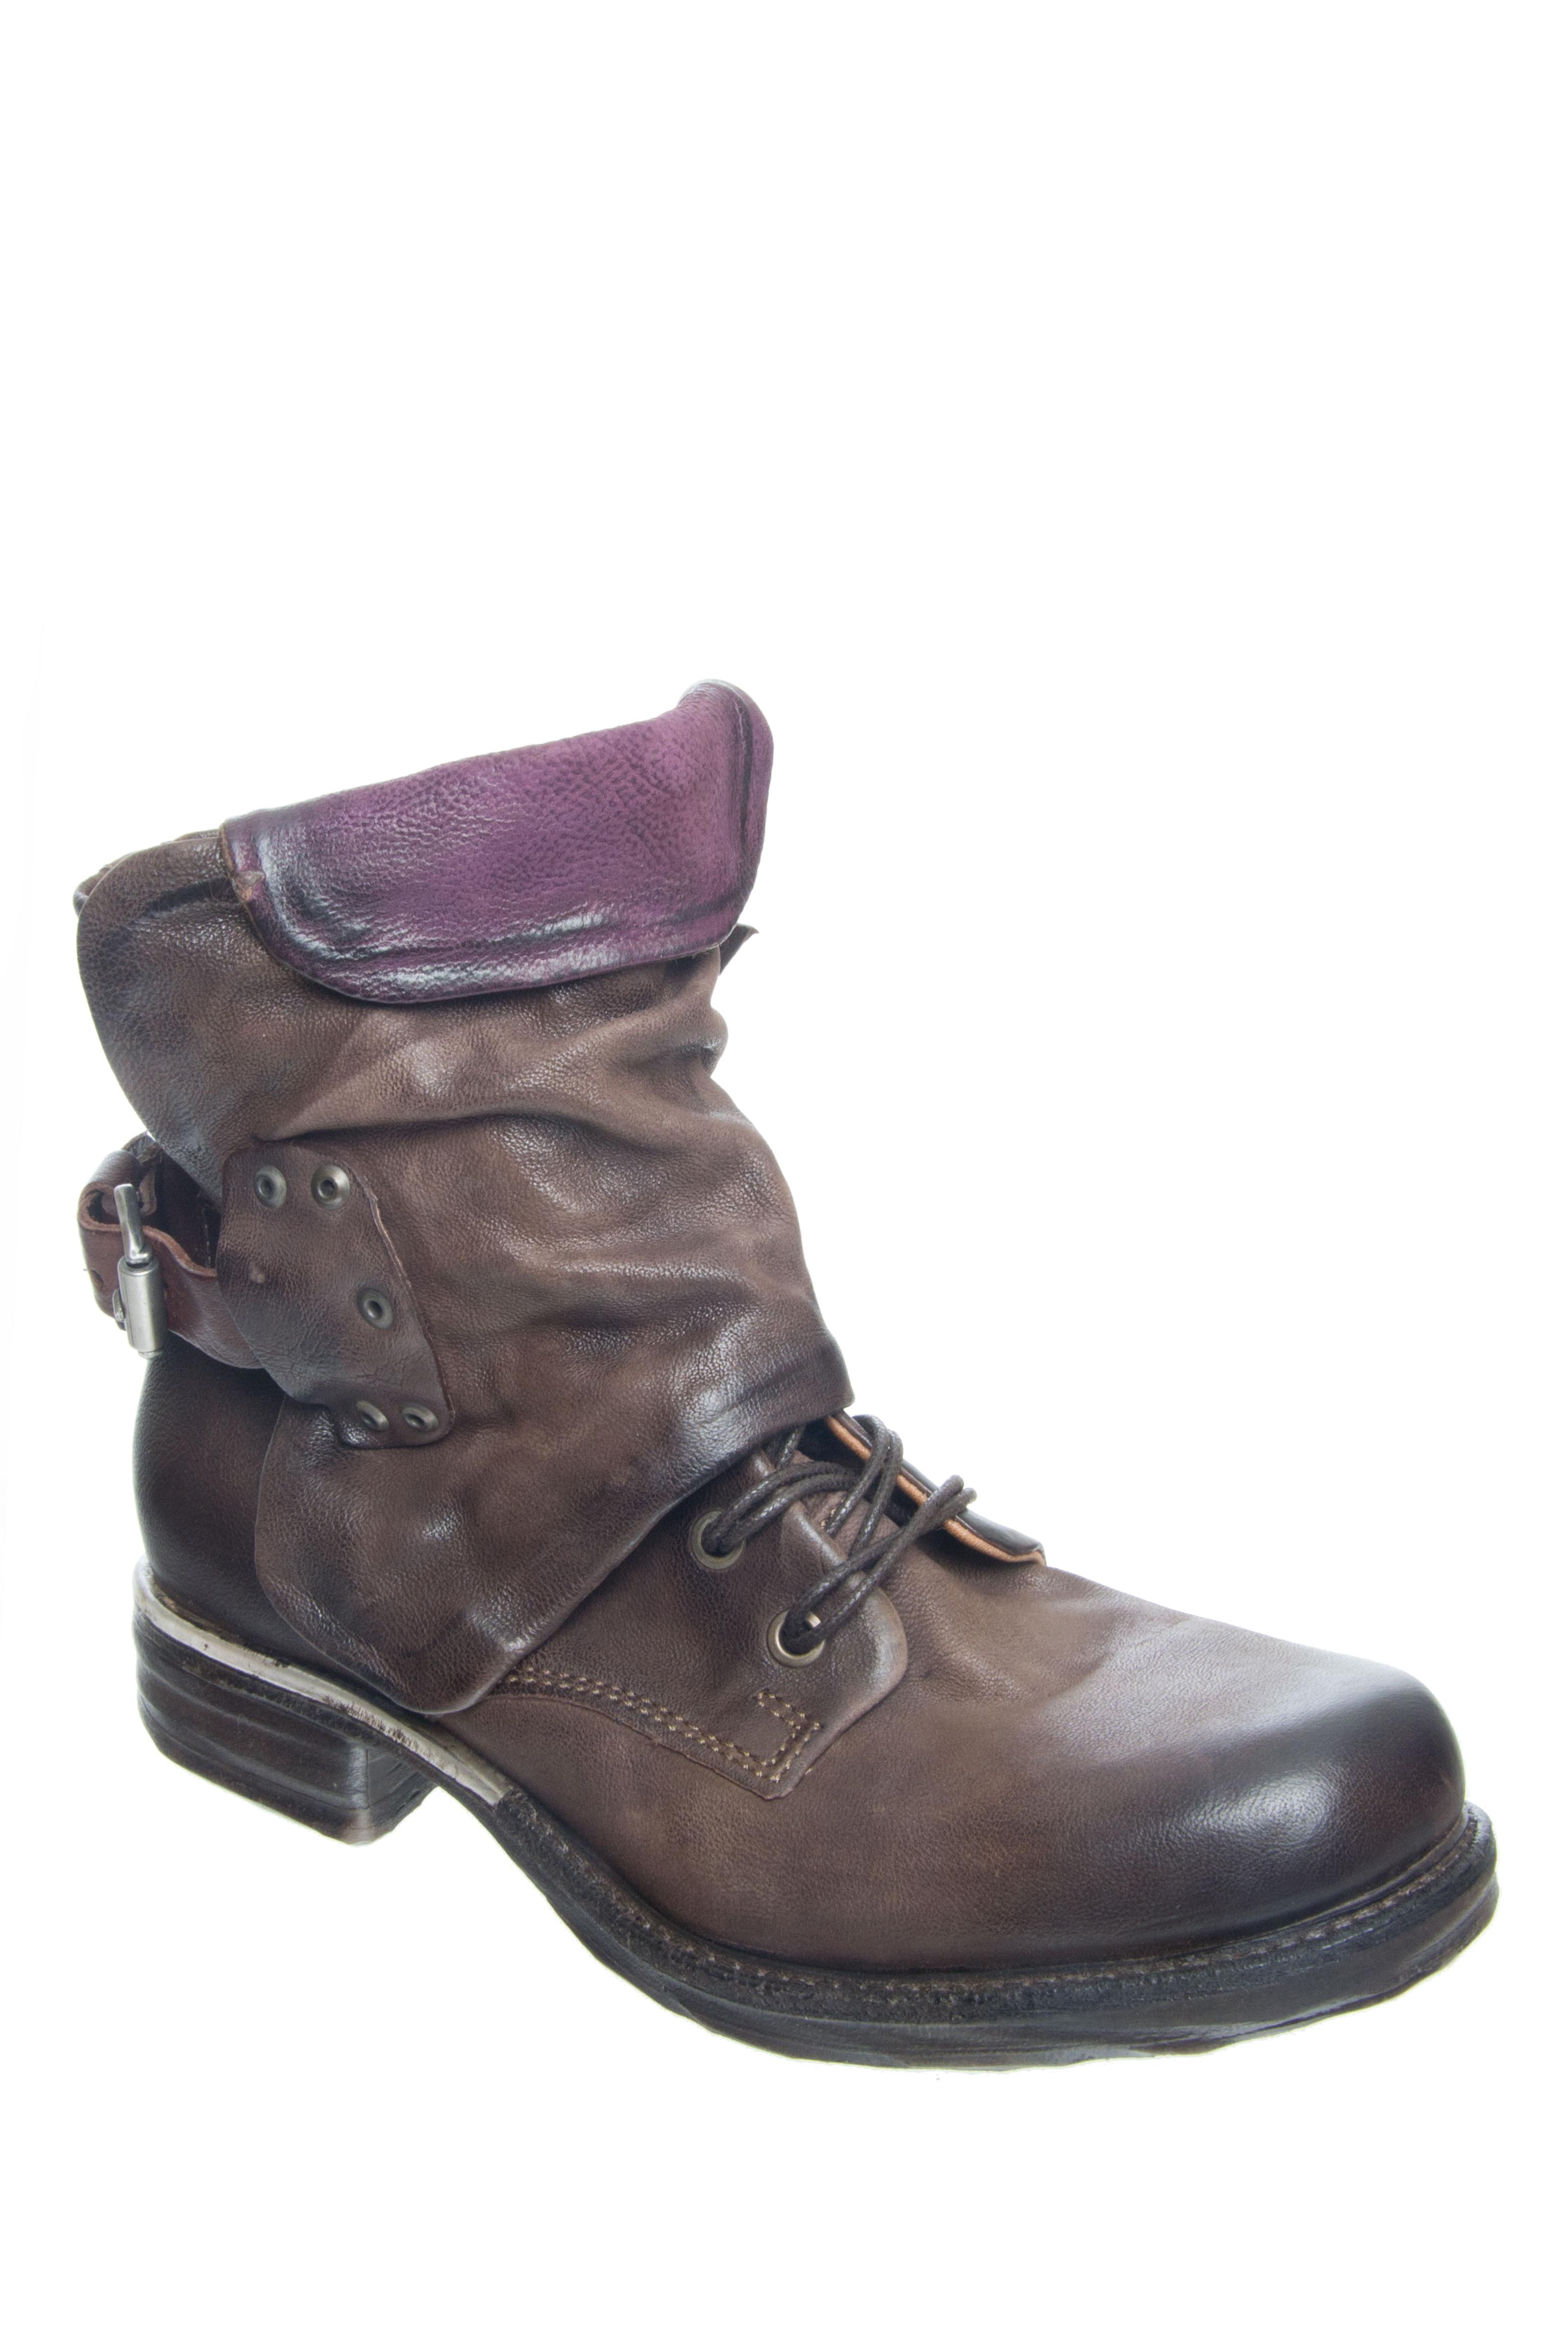 AS98 Simon Low Heel Boots - Choco